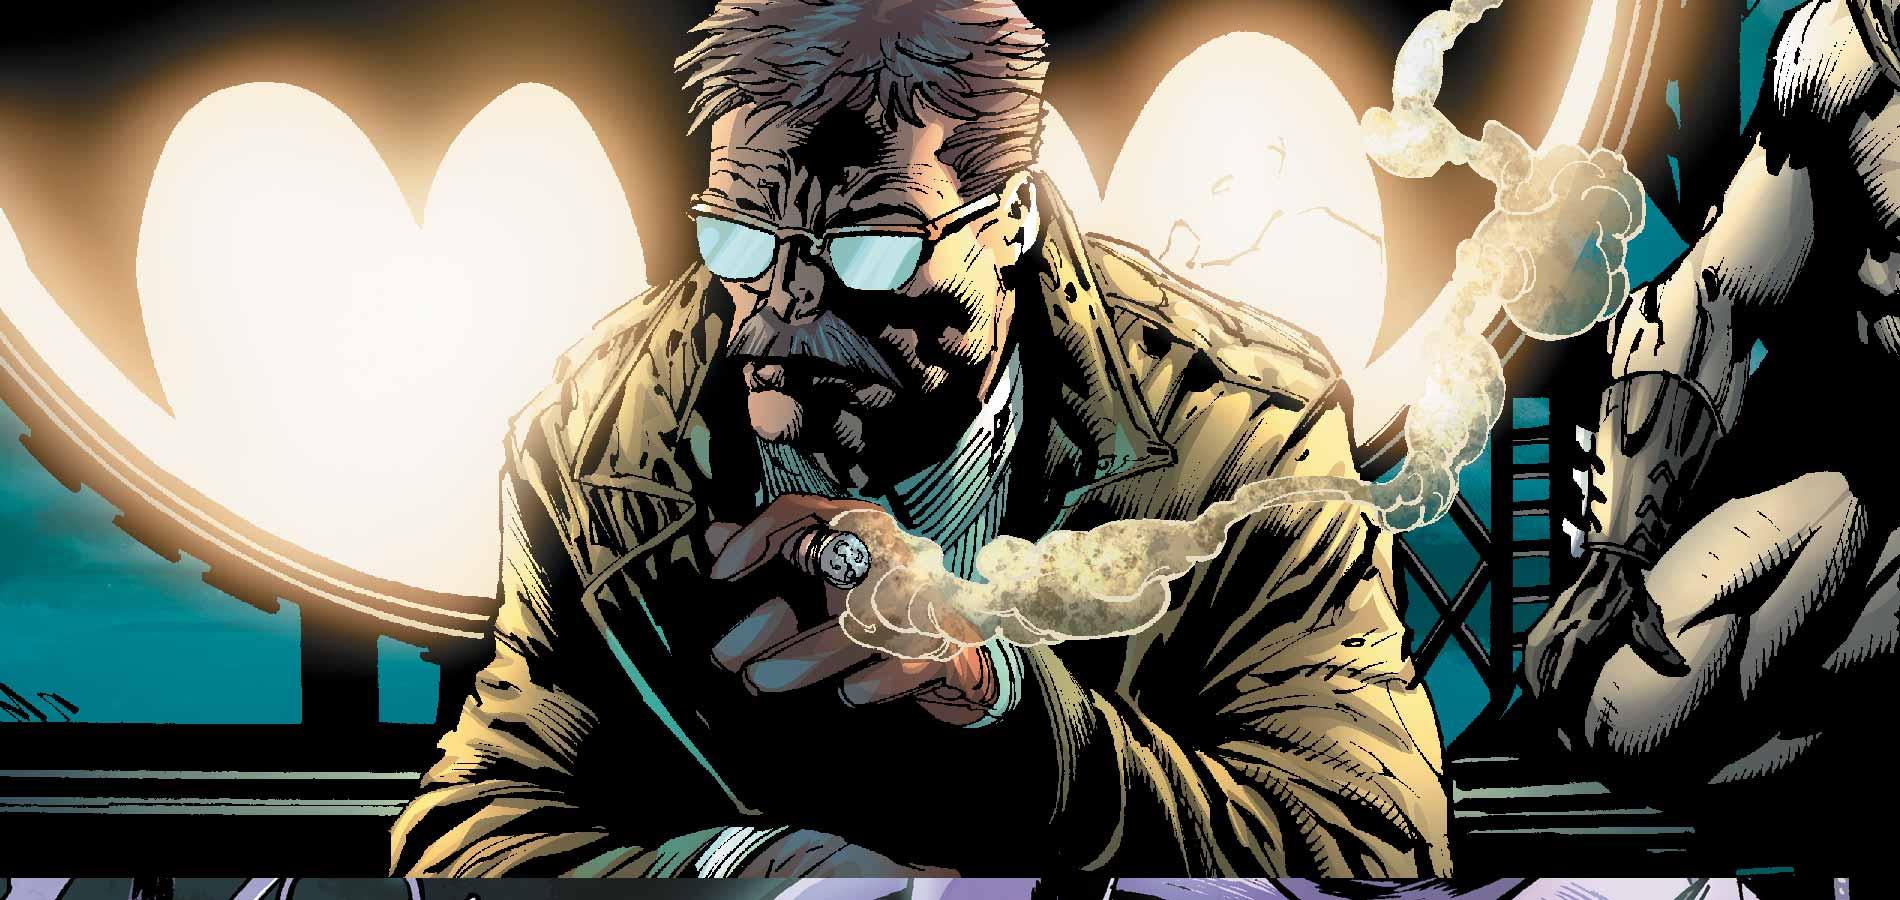 Une moustache, des lunettes et un imperméable : les attributs du fameux commissaire Gordon